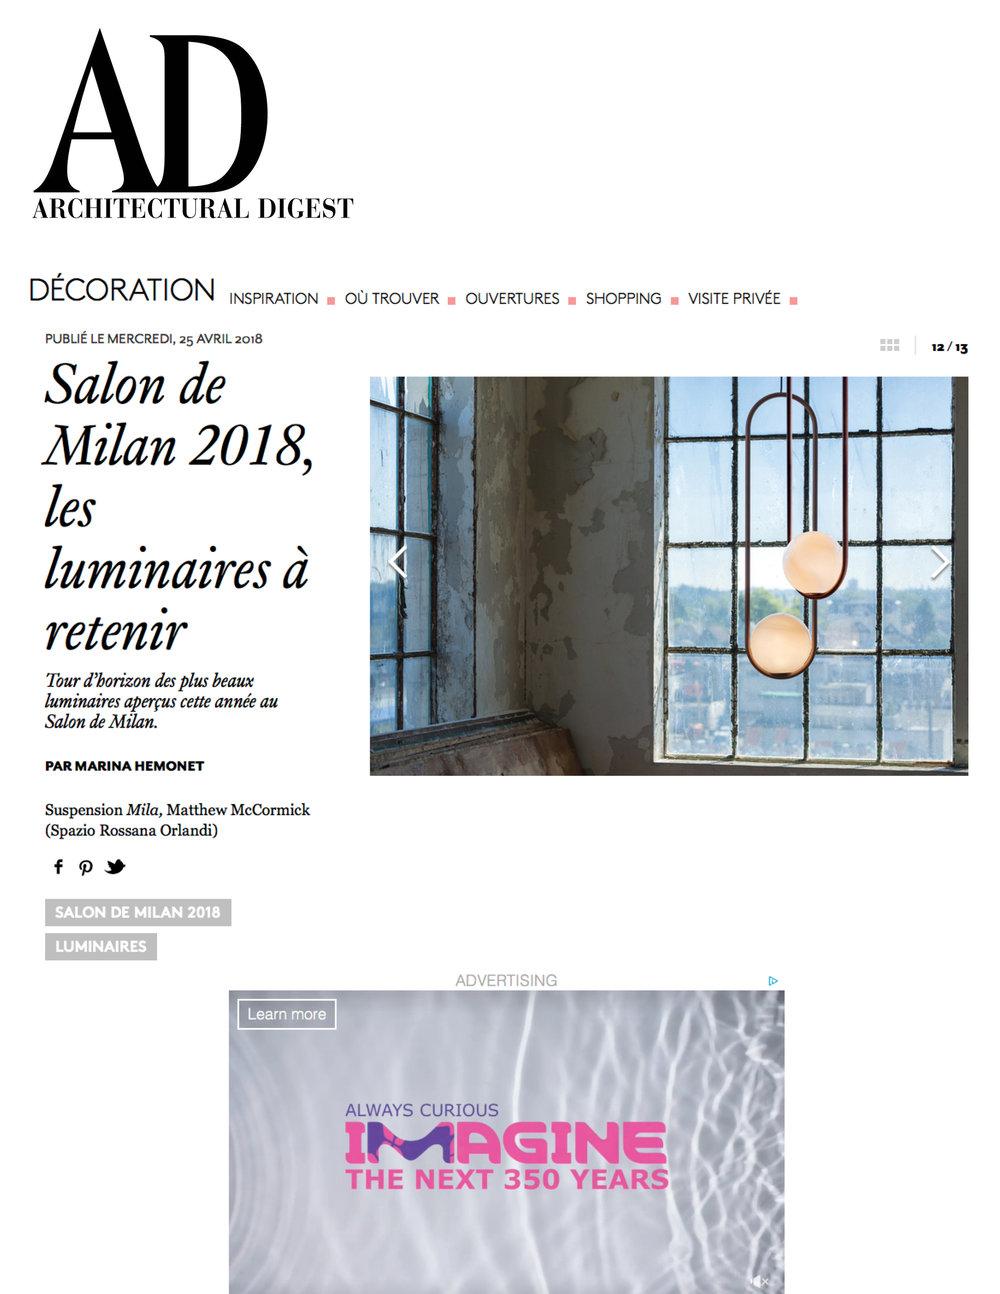 Architectural Digest April 2018